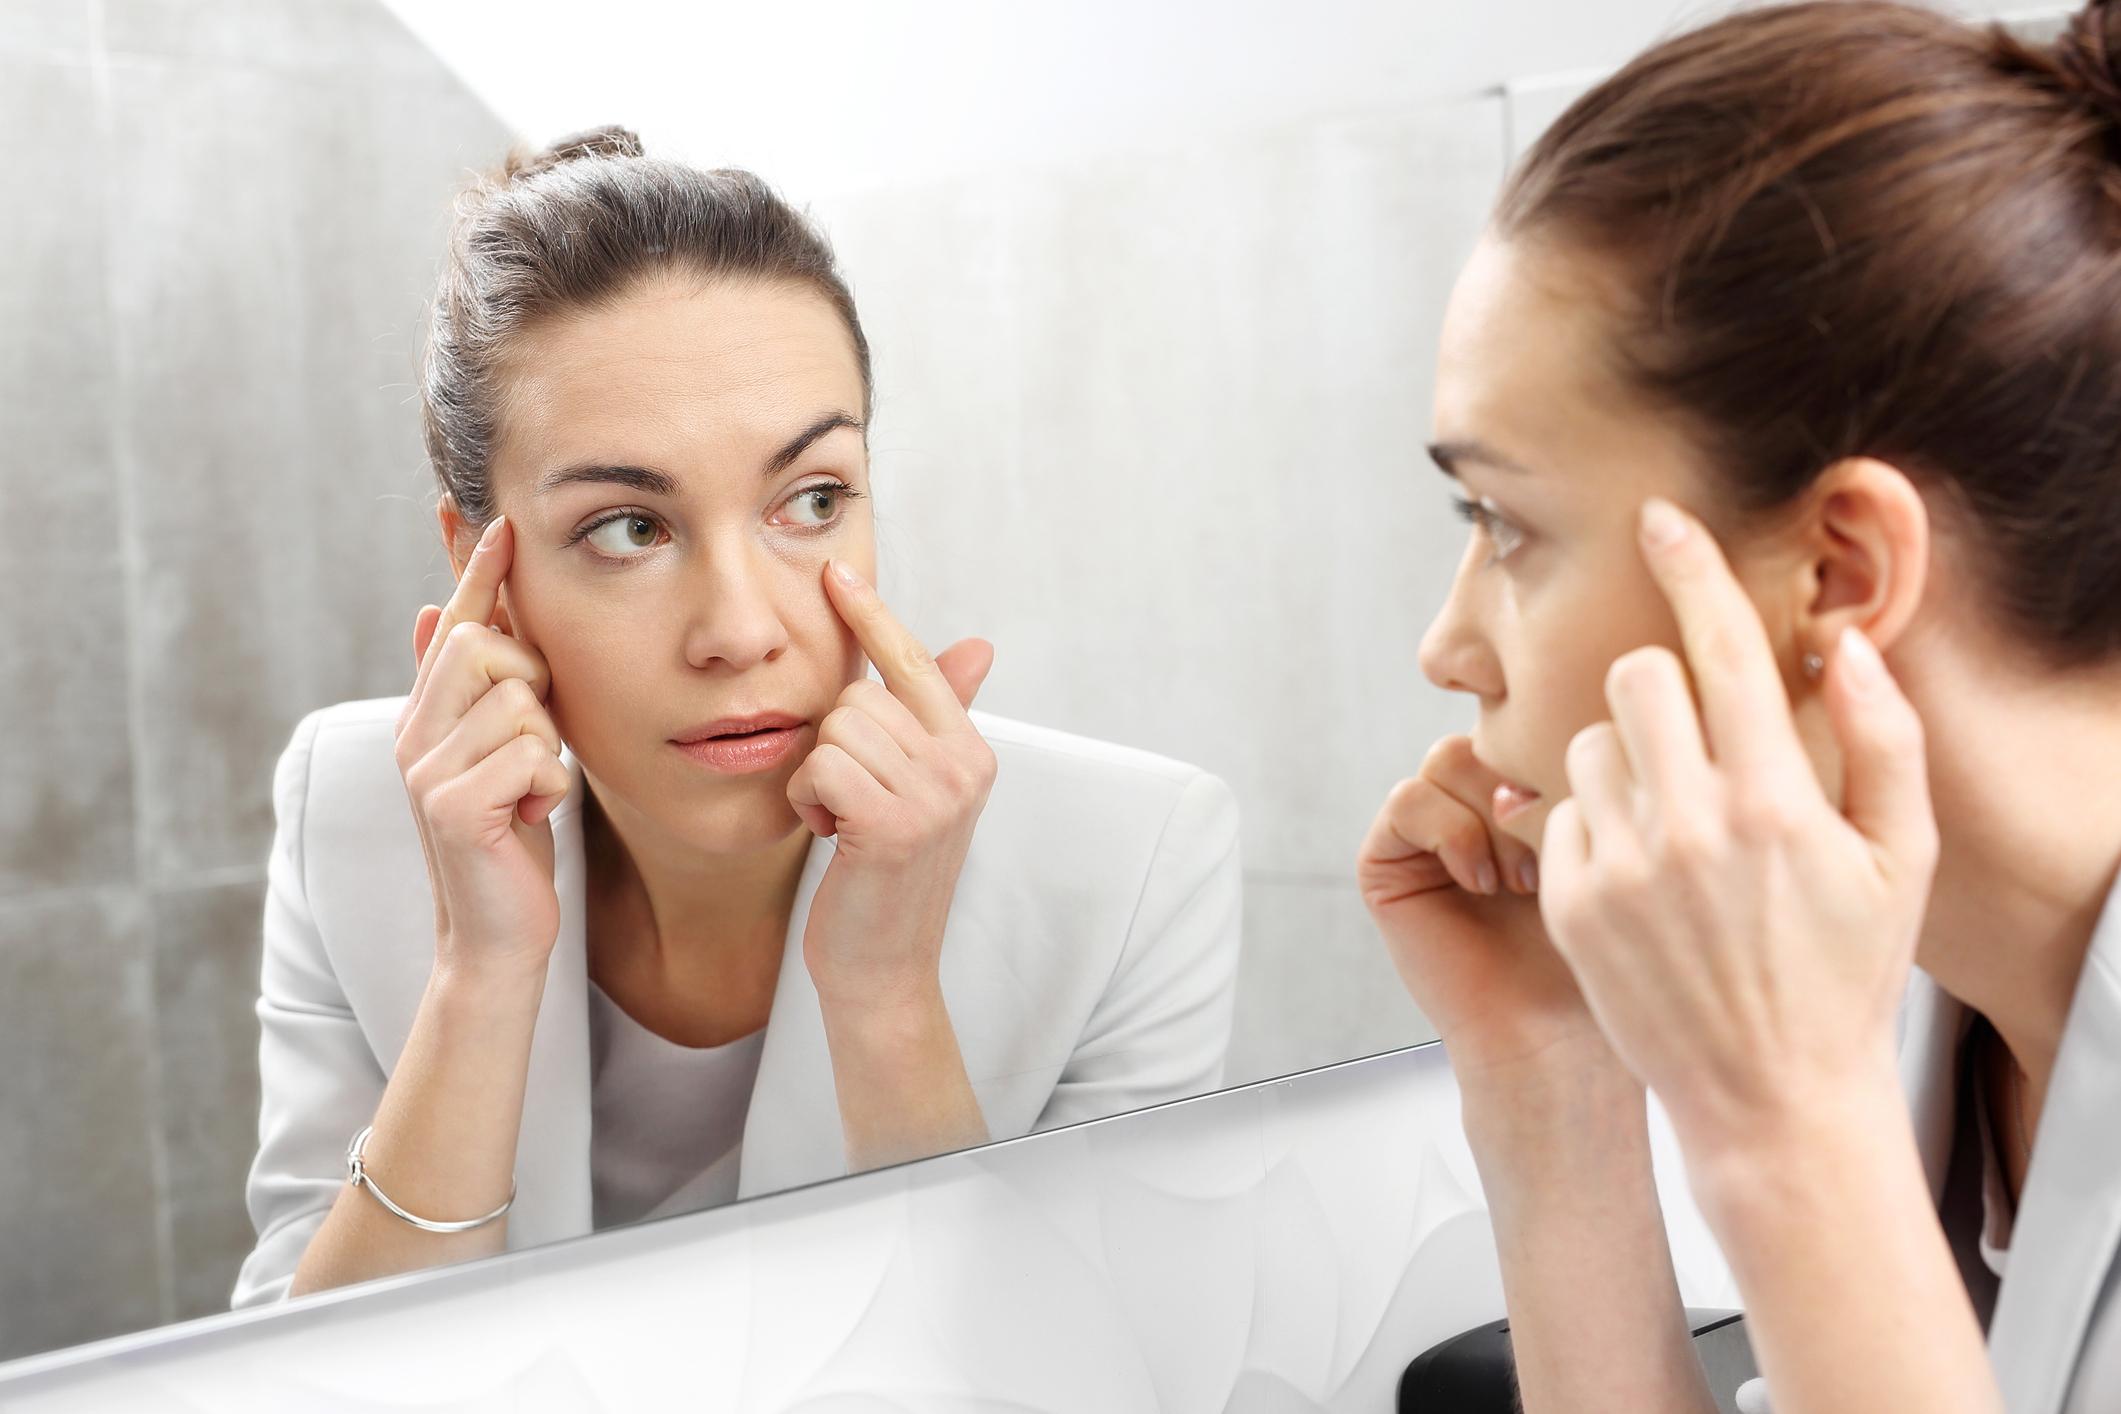 mulher olhando olheiras no espelho